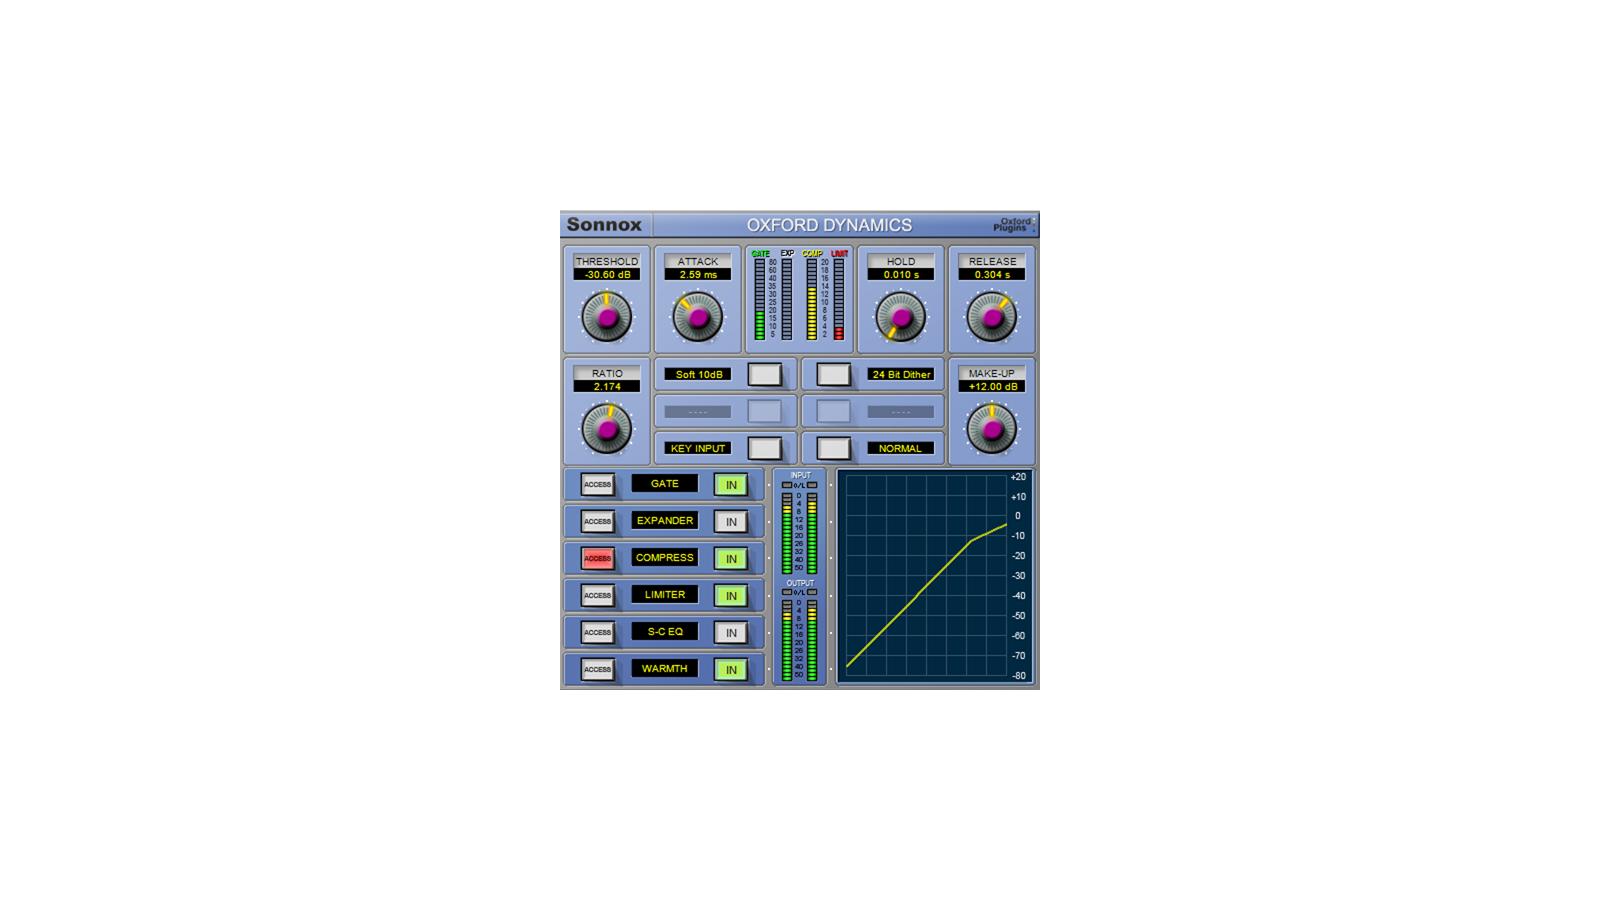 141202_sonnox_dynamics_1600